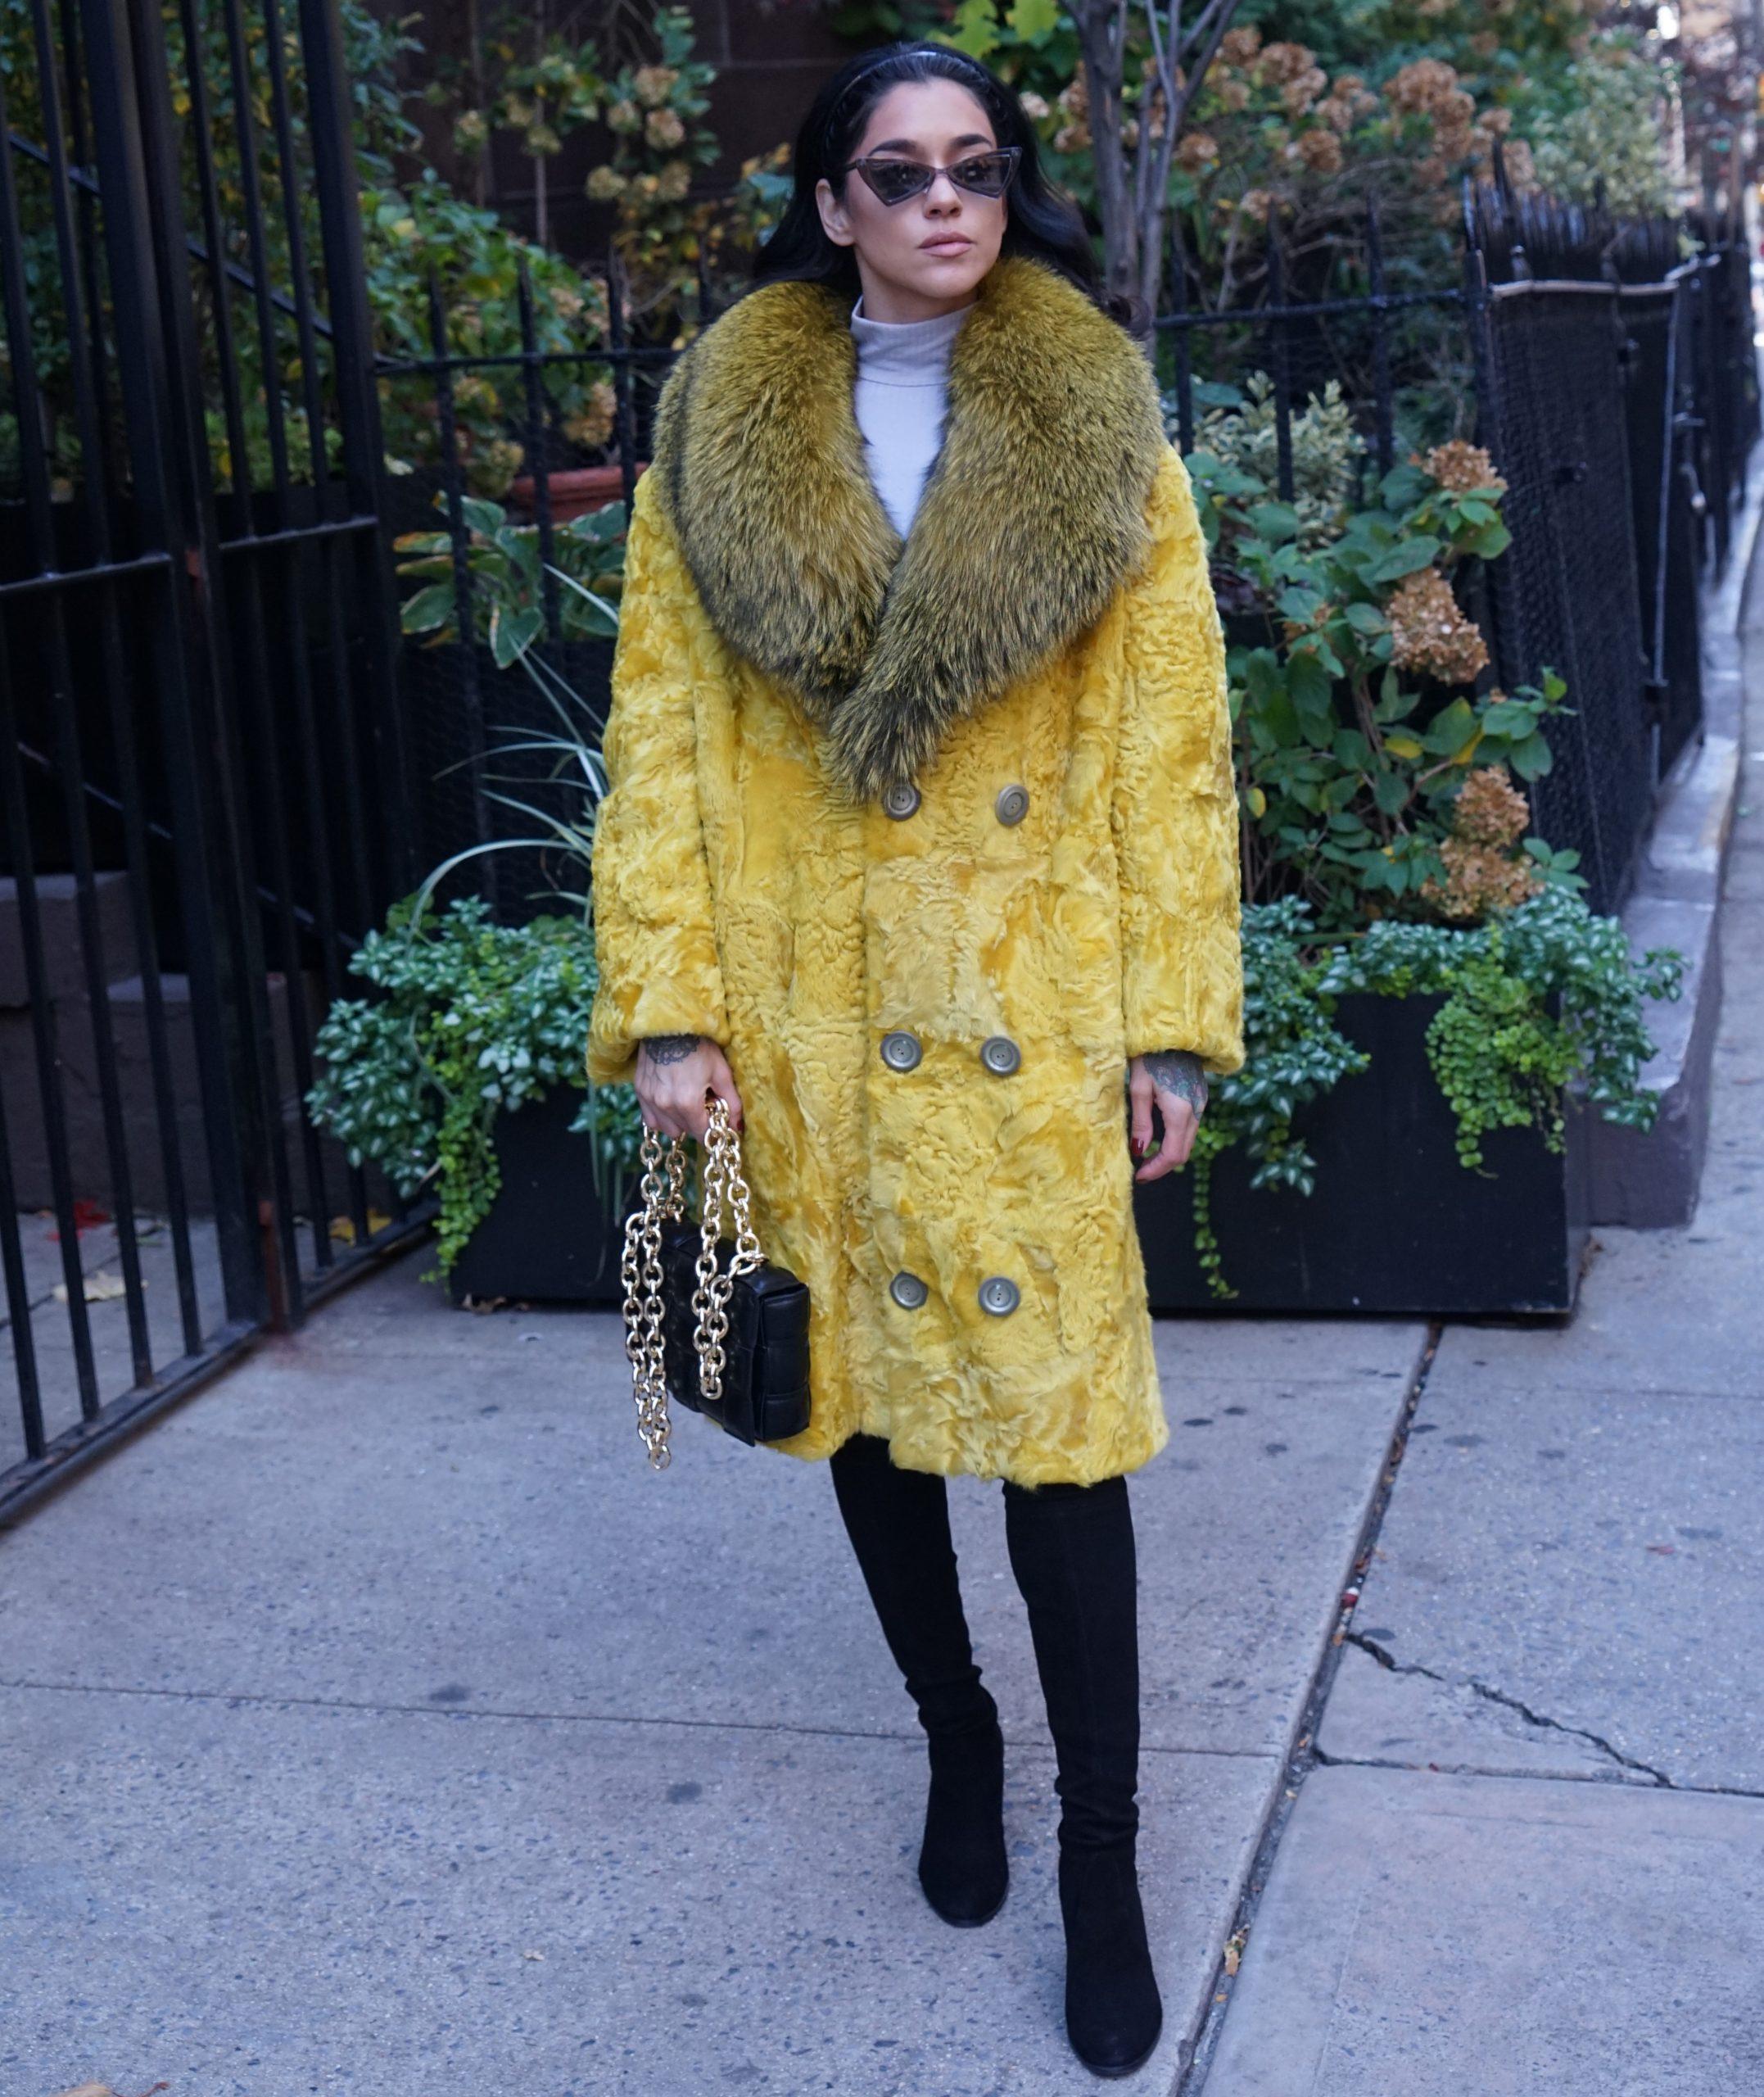 Fur Trends